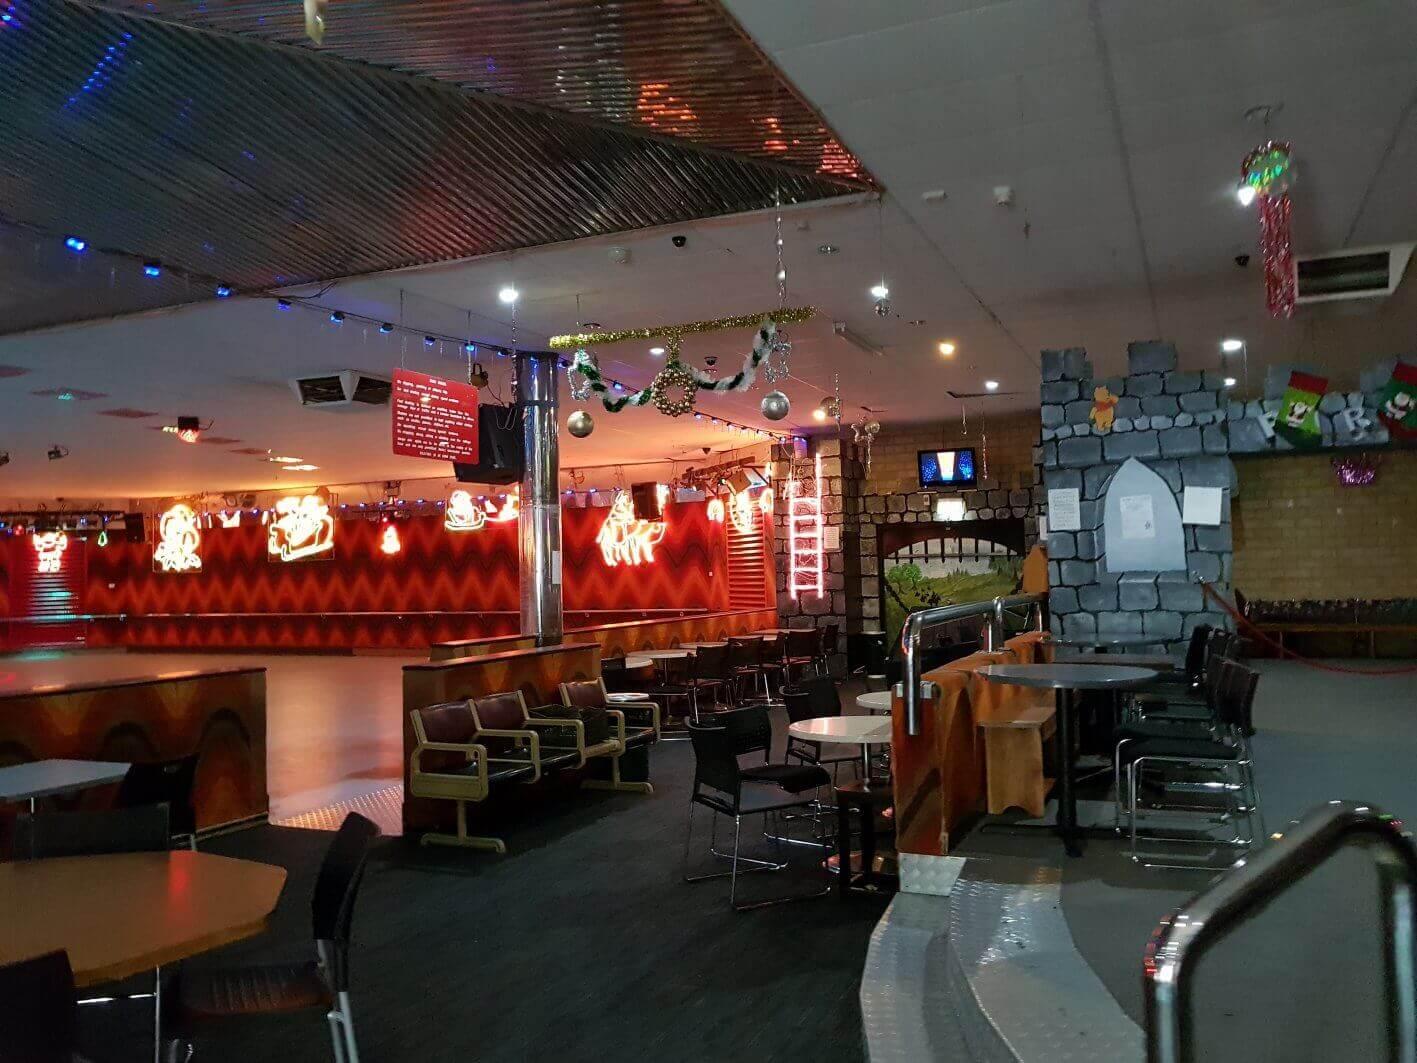 xmas rink lights